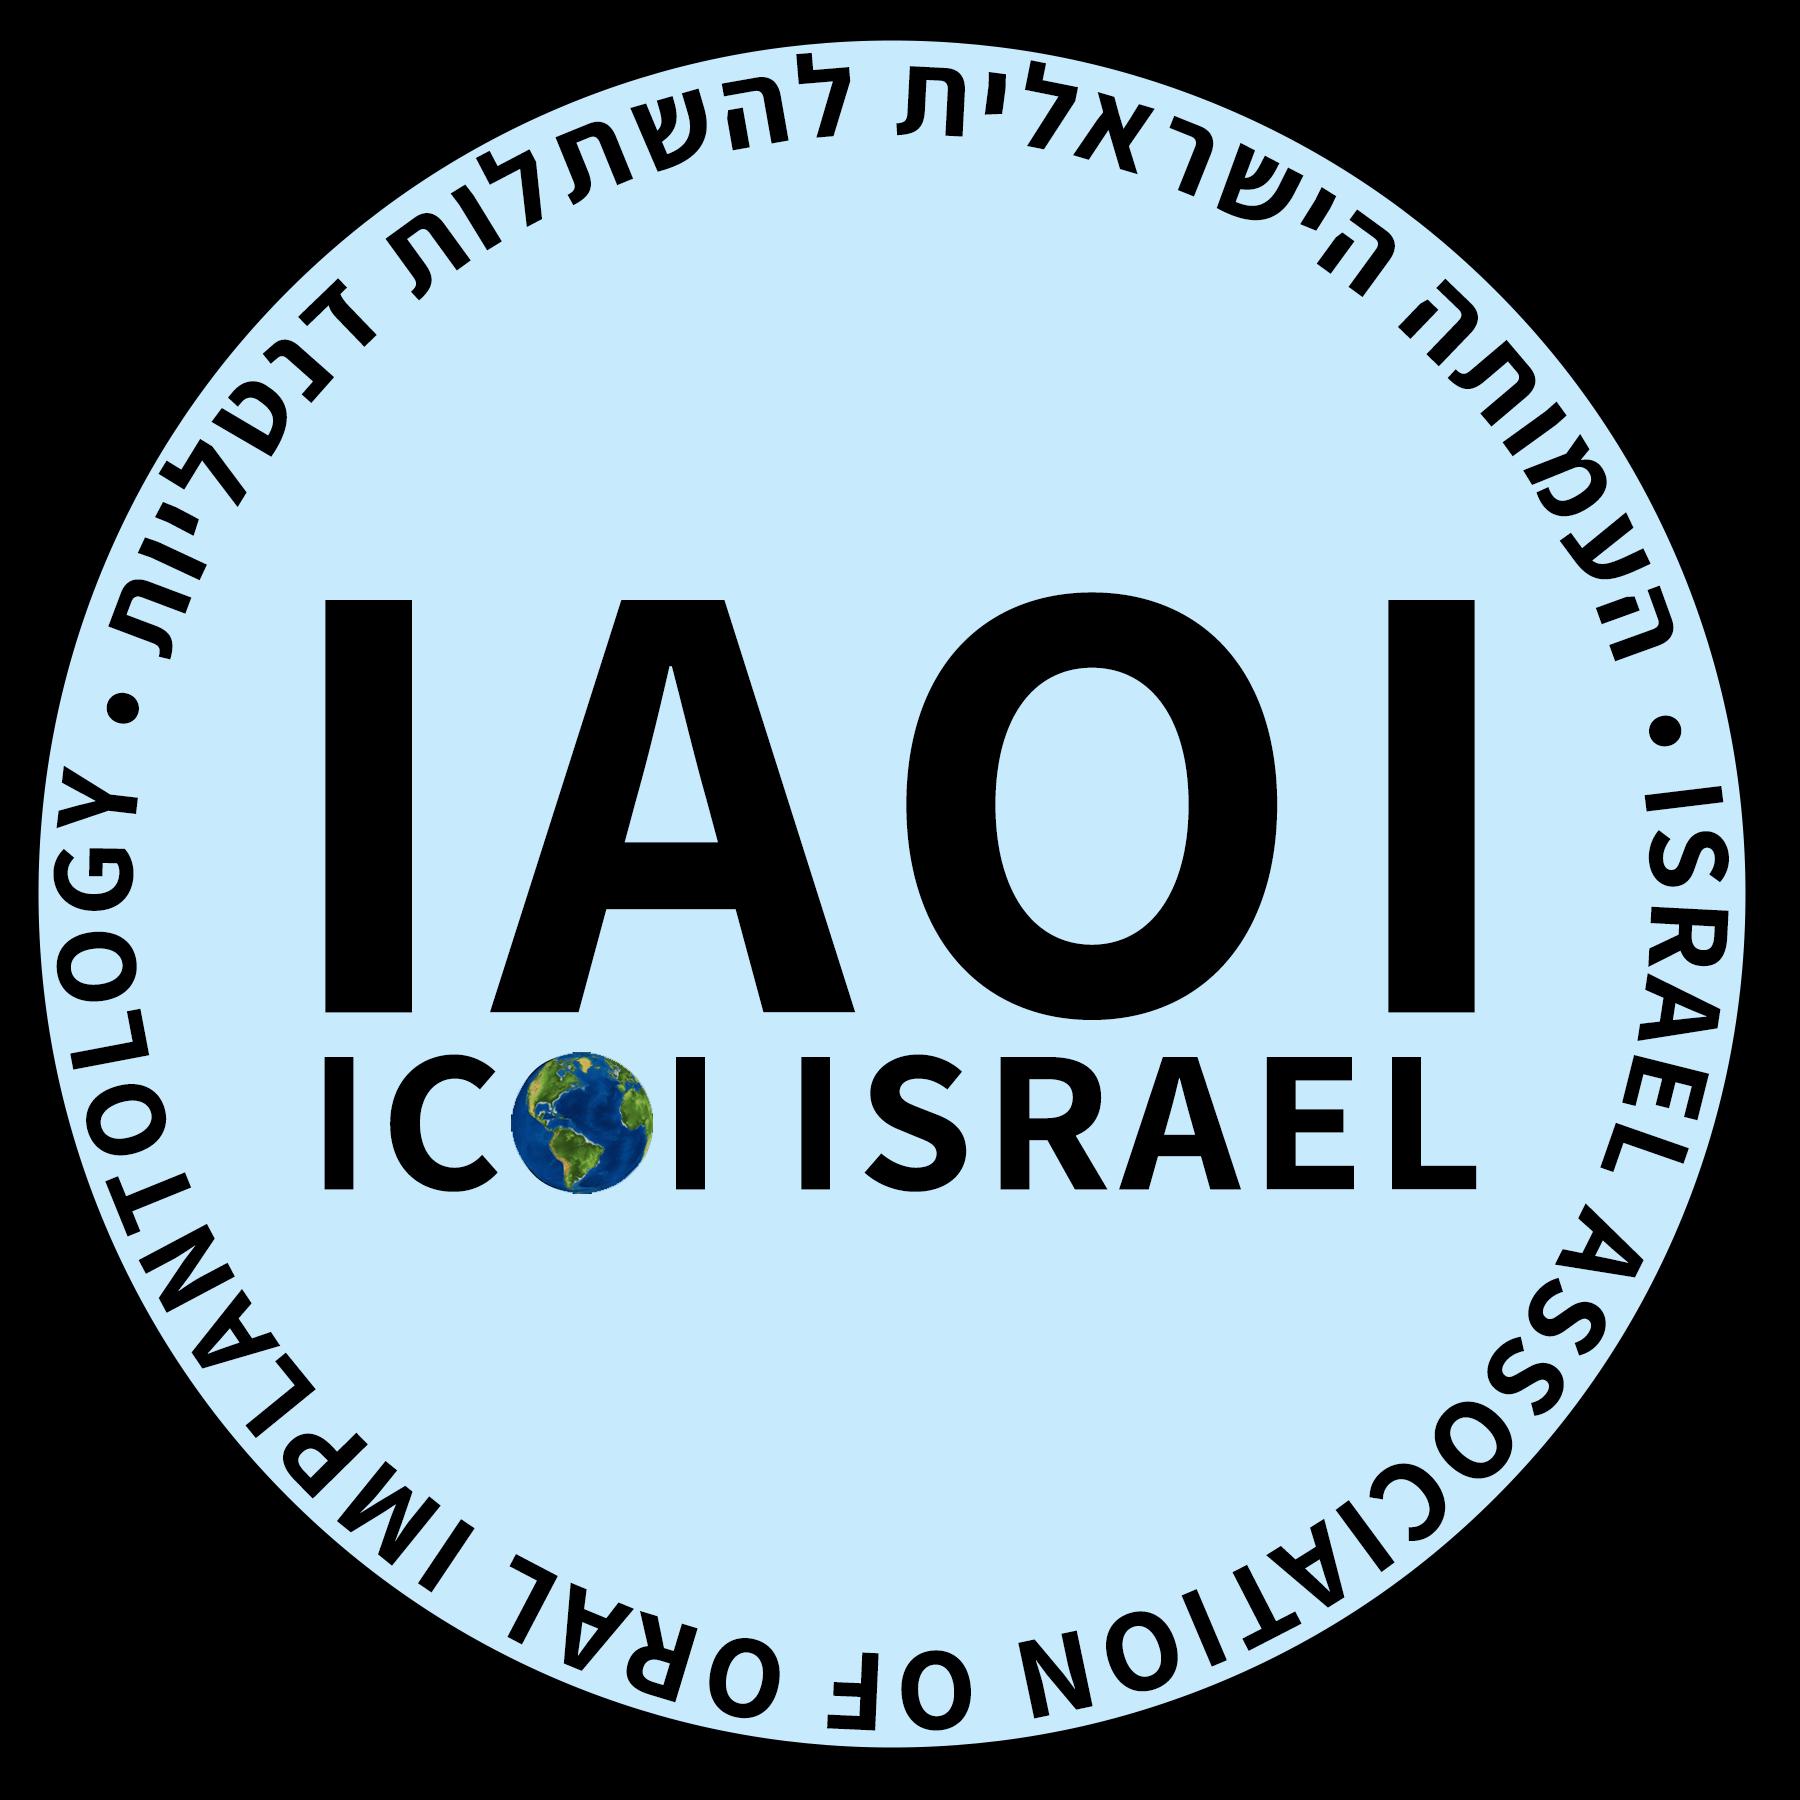 עמותה ישראלית להשתלות דנטליות